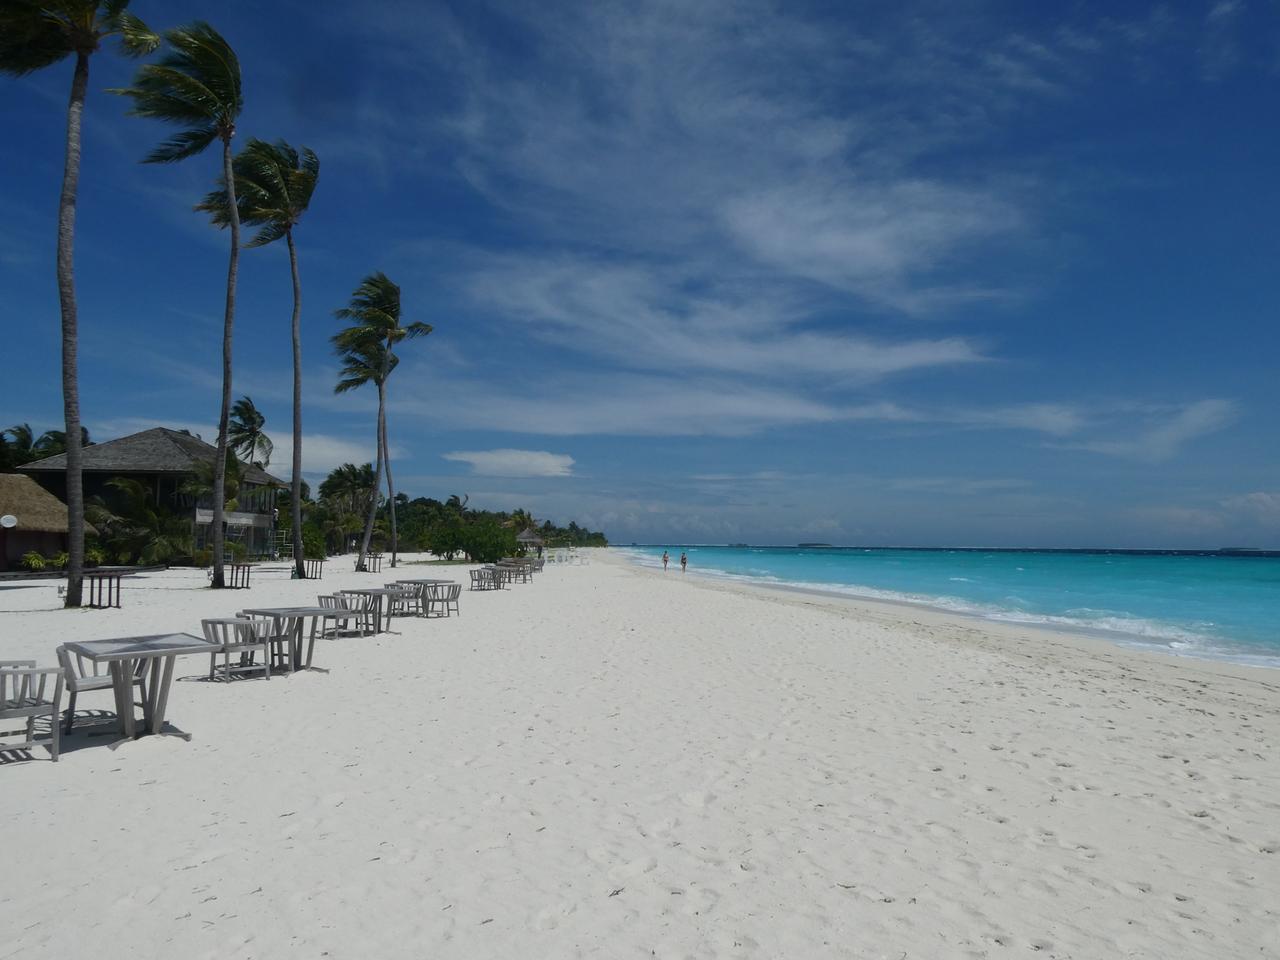 Maldív szigetek Index Fórum